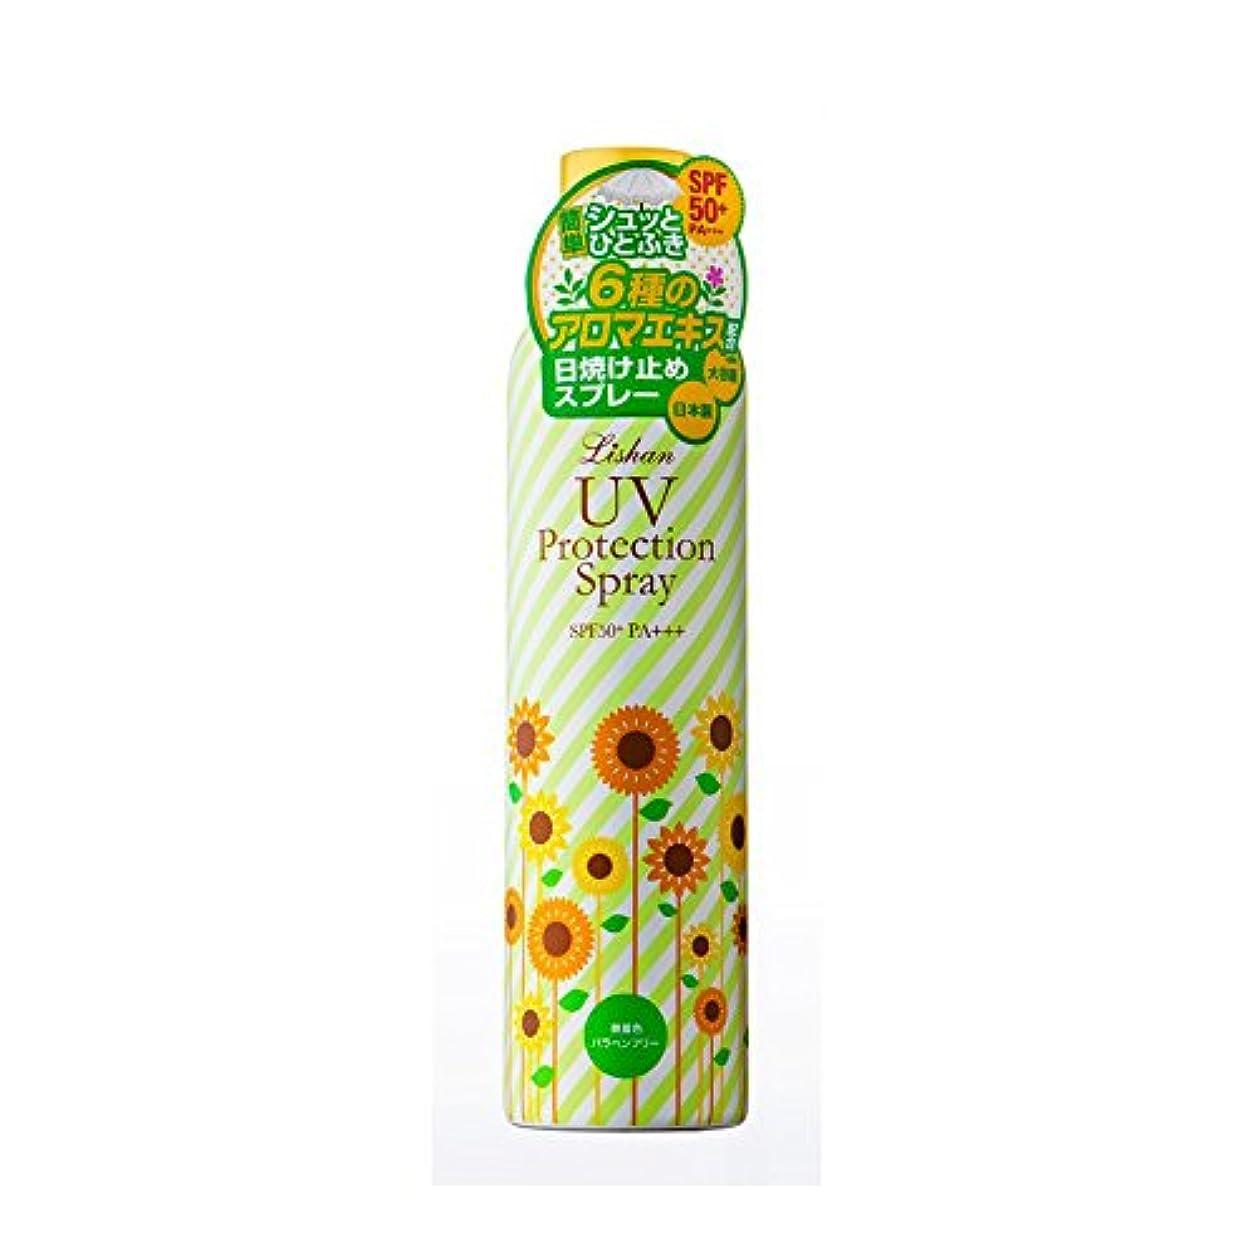 抵当チャット既婚リシャン 大容量UVスプレー アロマミックスの香り (230g)